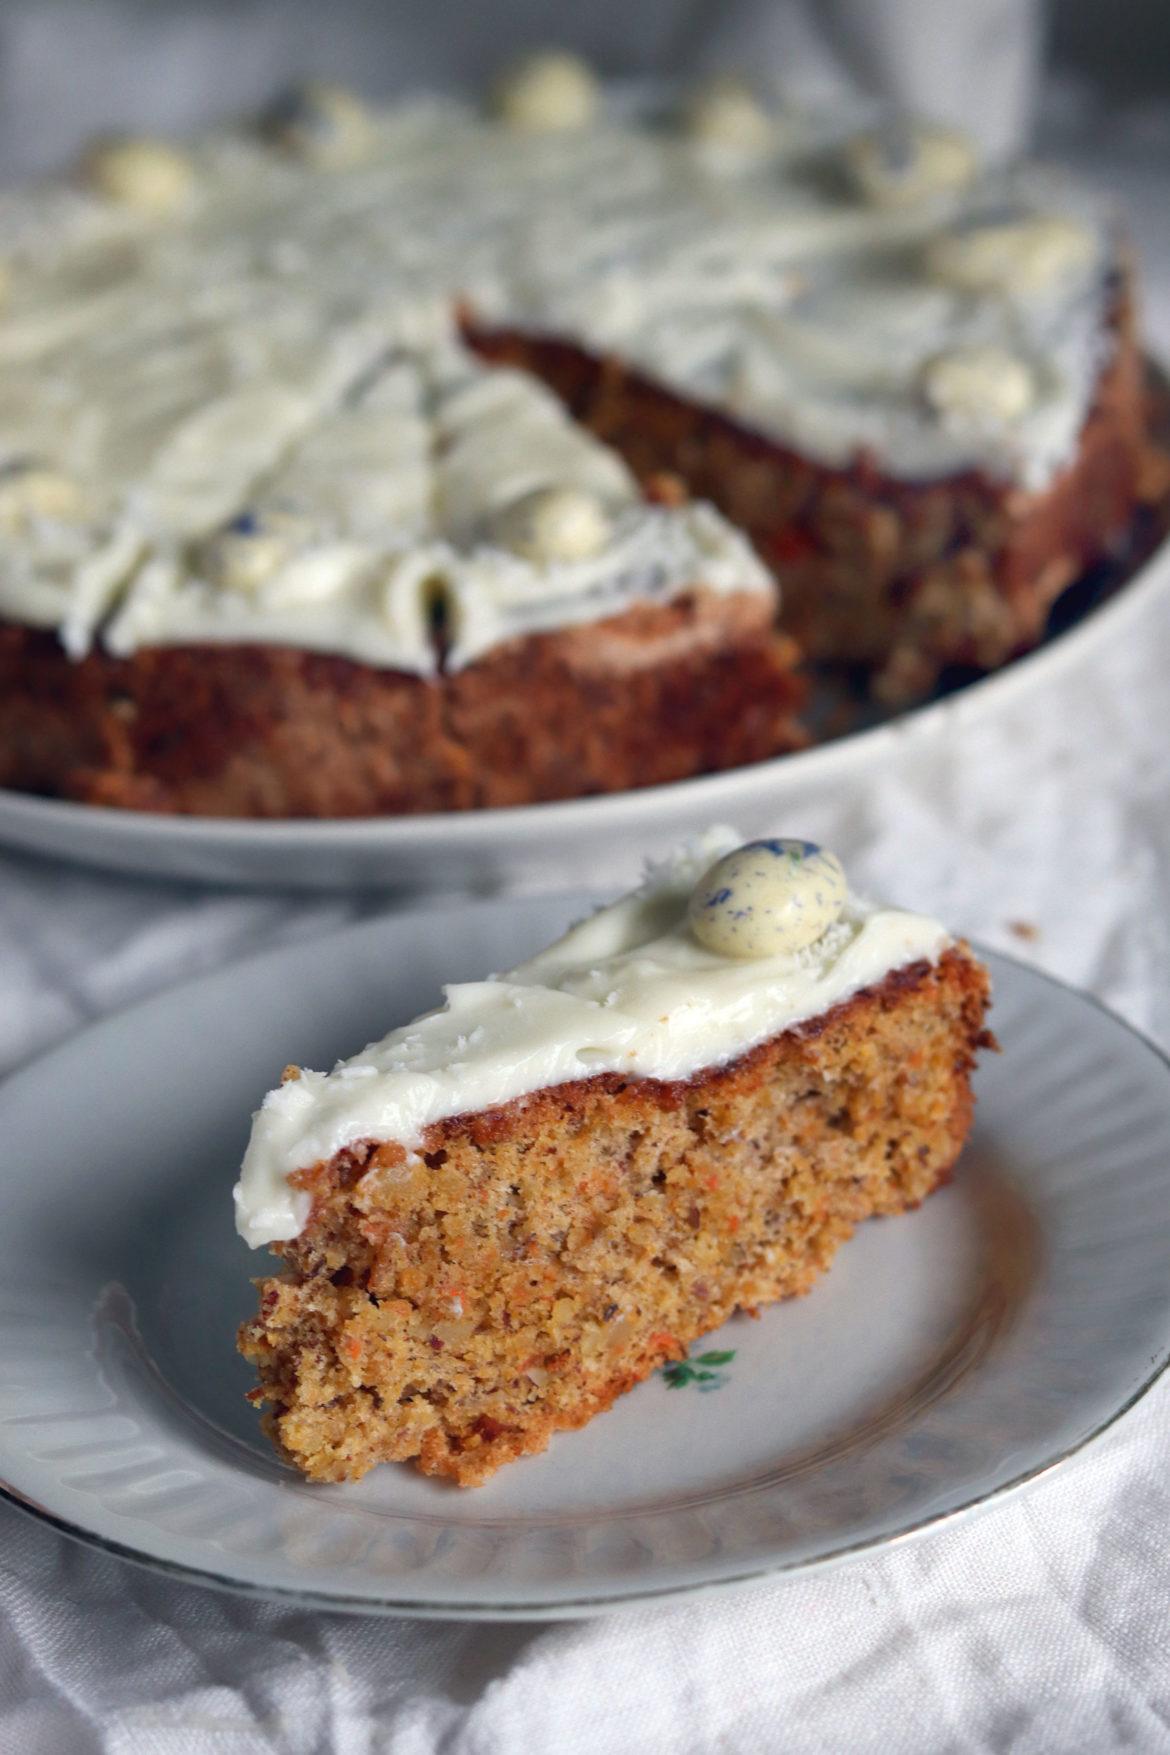 Saftiger Osterkuchen. Rezept Rüblikuchen Karottenkuchen Möhrenkuchen mit Mandeln und Dinkelmehl. Rezept ausprobieren.